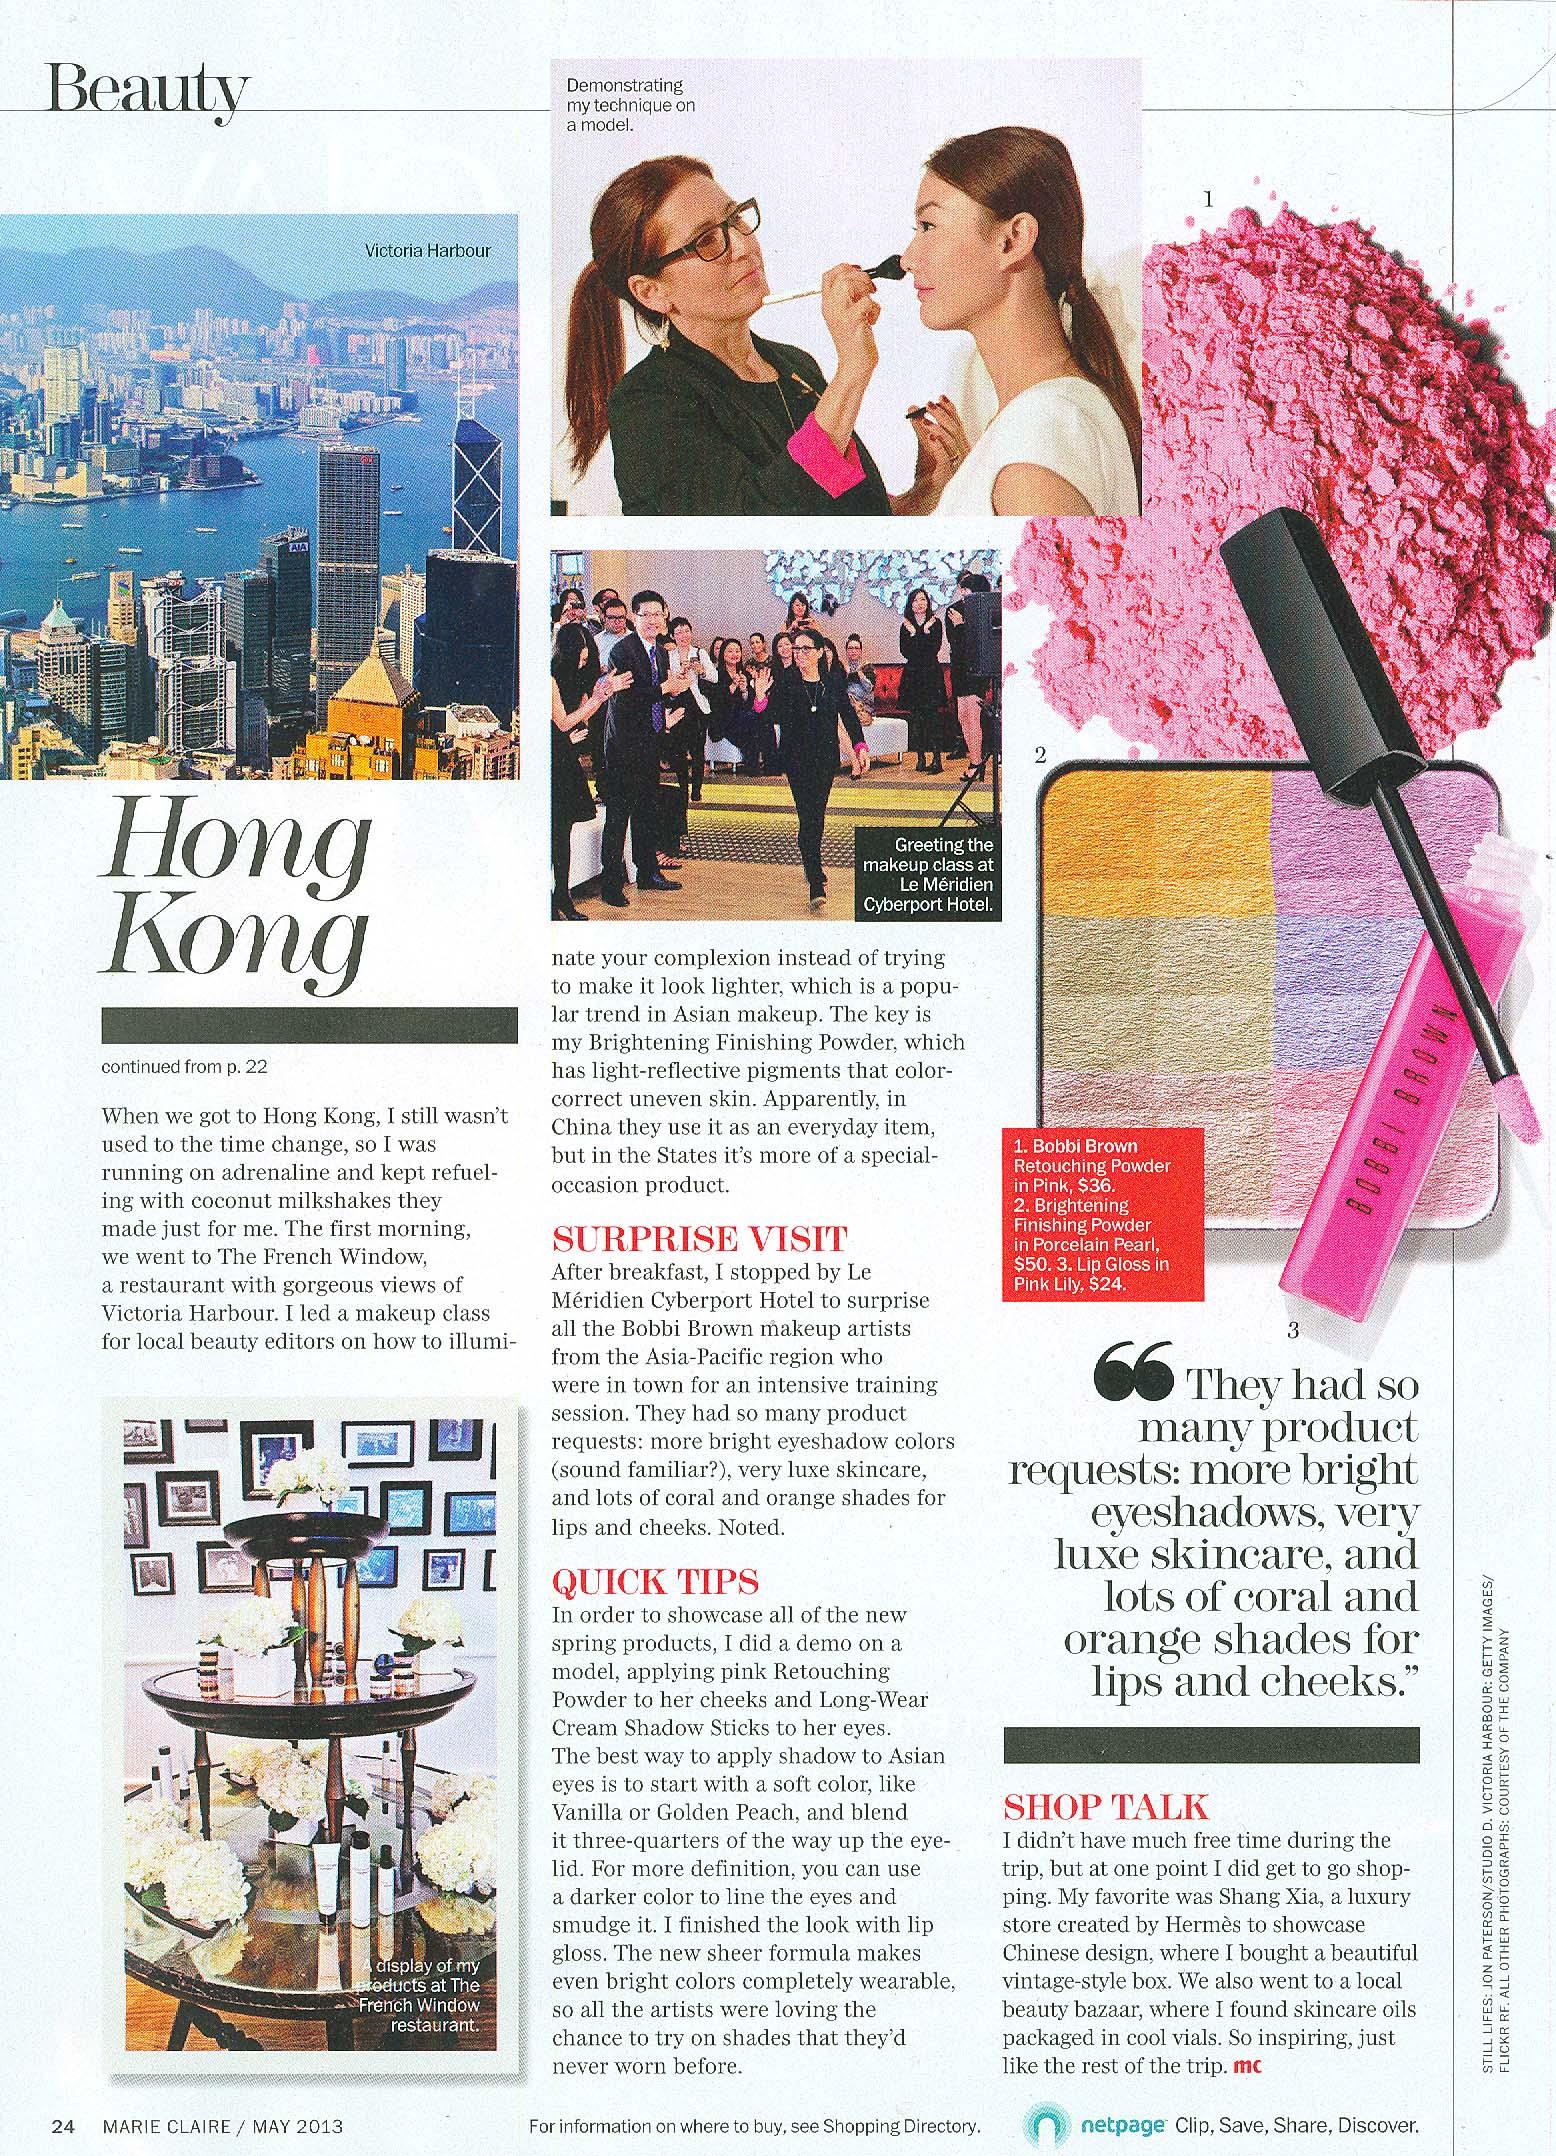 Marie Claire - Global Beauty China Hong Kong pg 2 May 2013.jpg